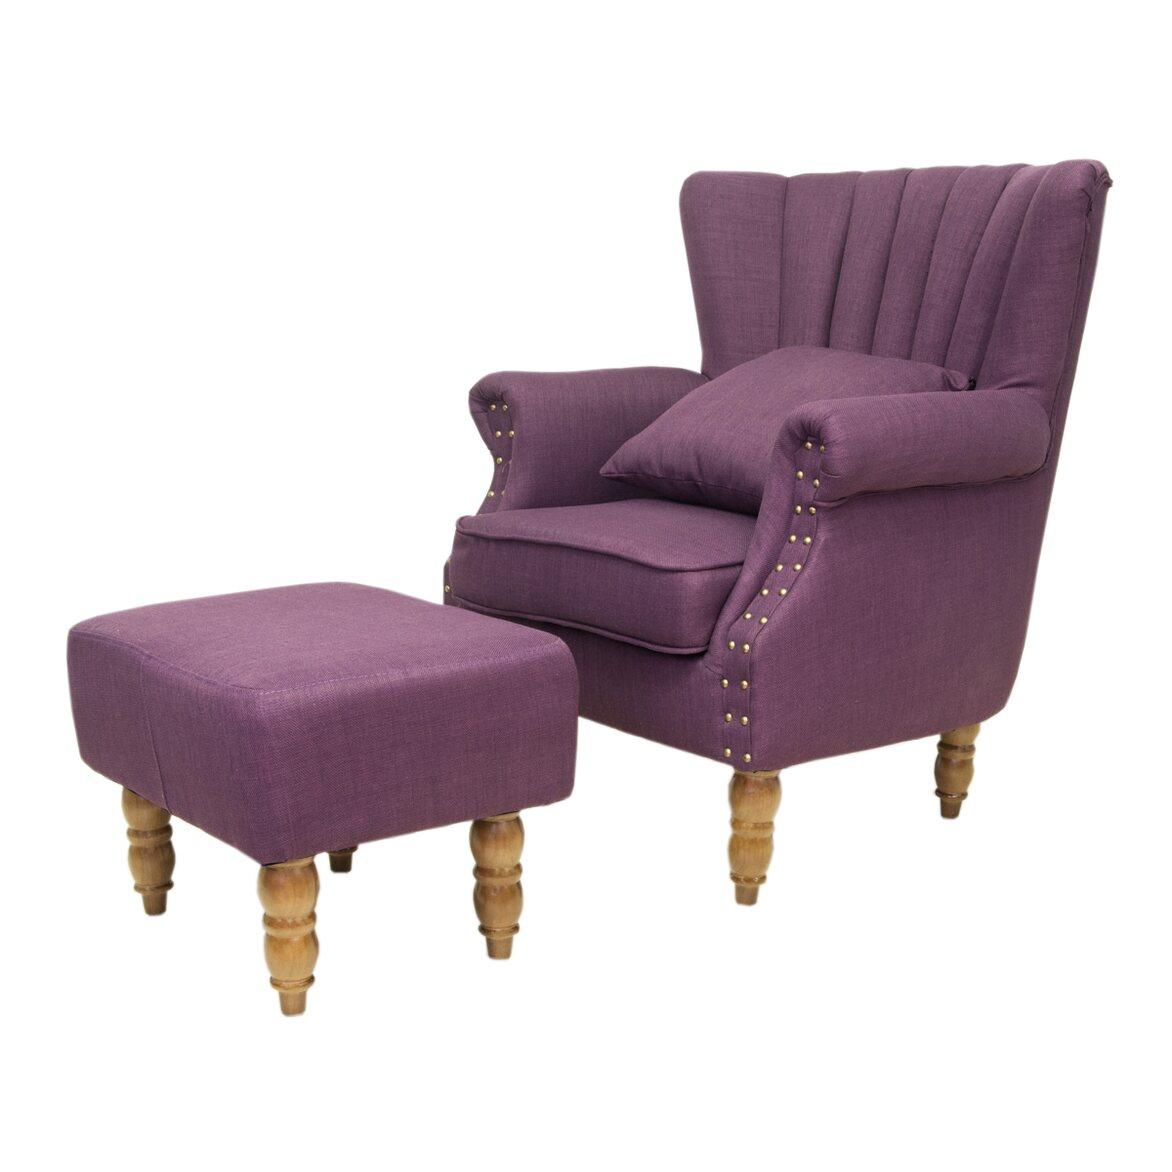 Кресло с пуфом Lab violet 2 | Каминные кресла Kingsby